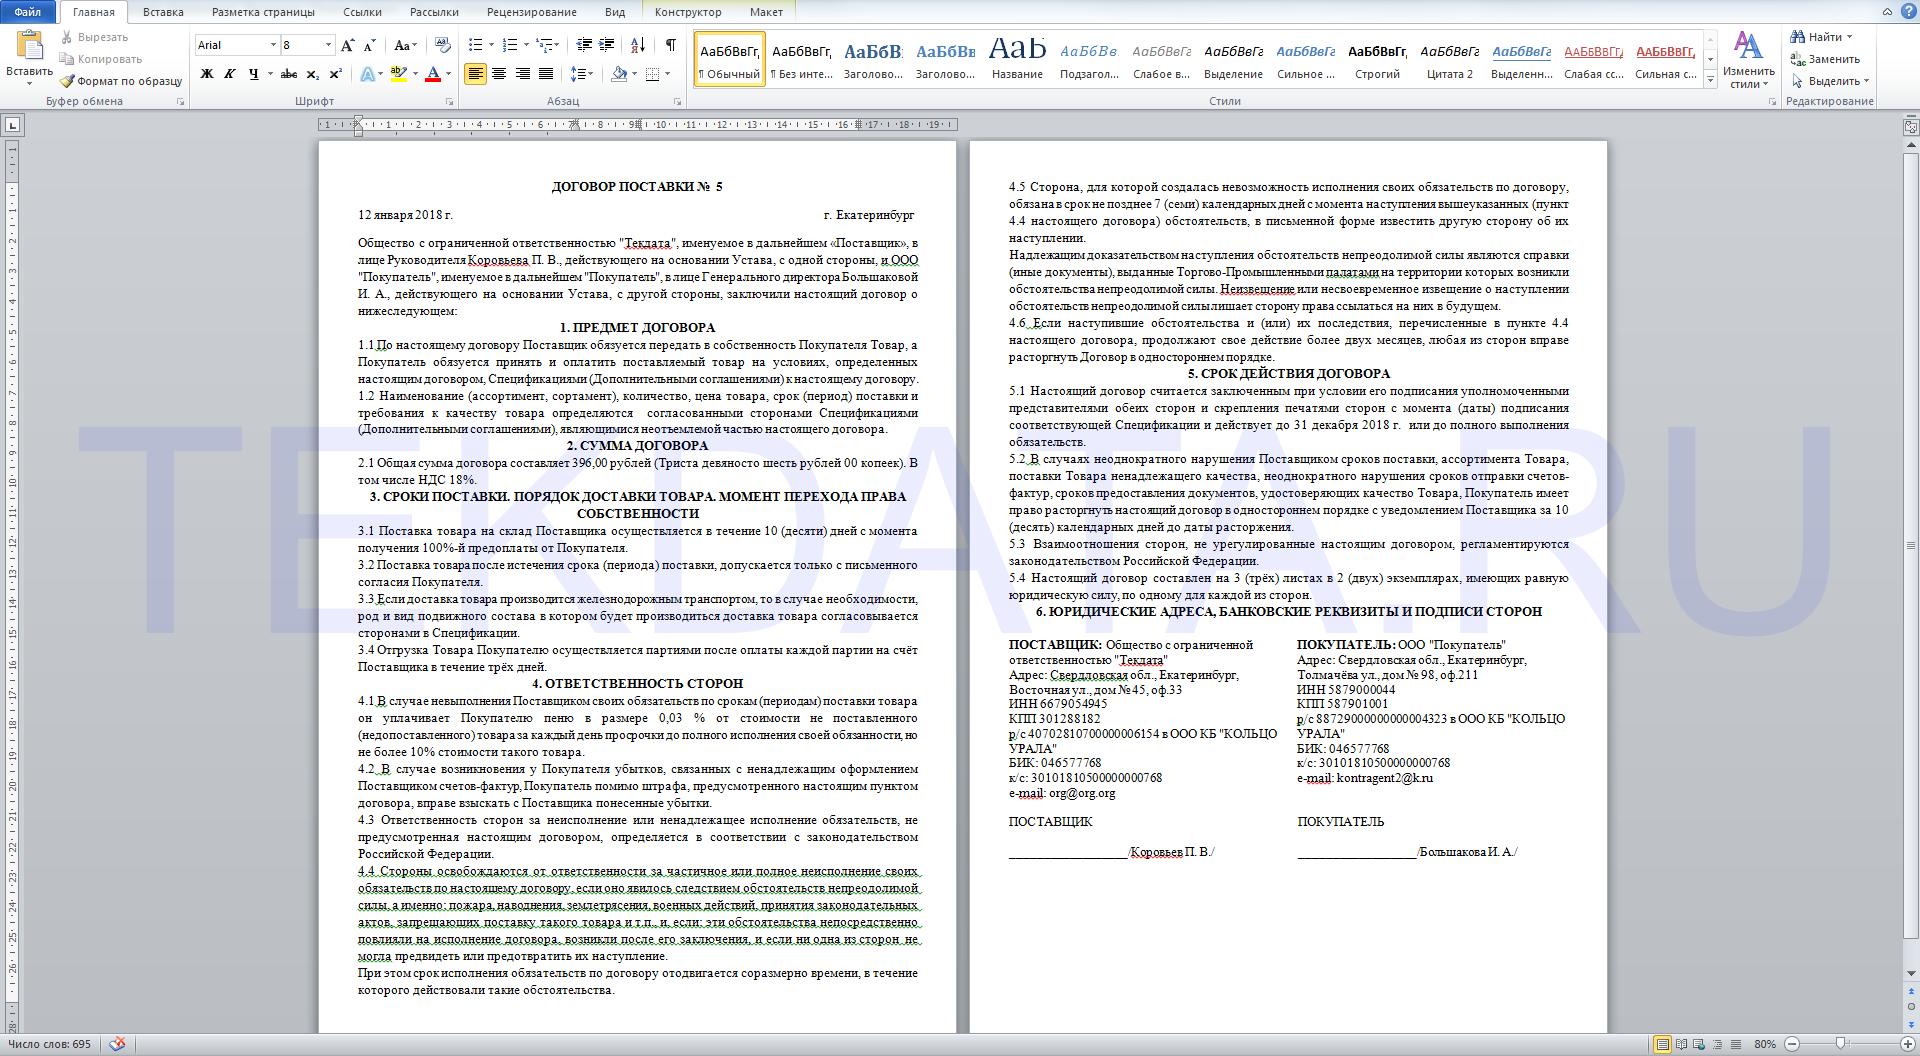 Универсальная форма договора в формате Word для 1С:Управление торговлей 10.3